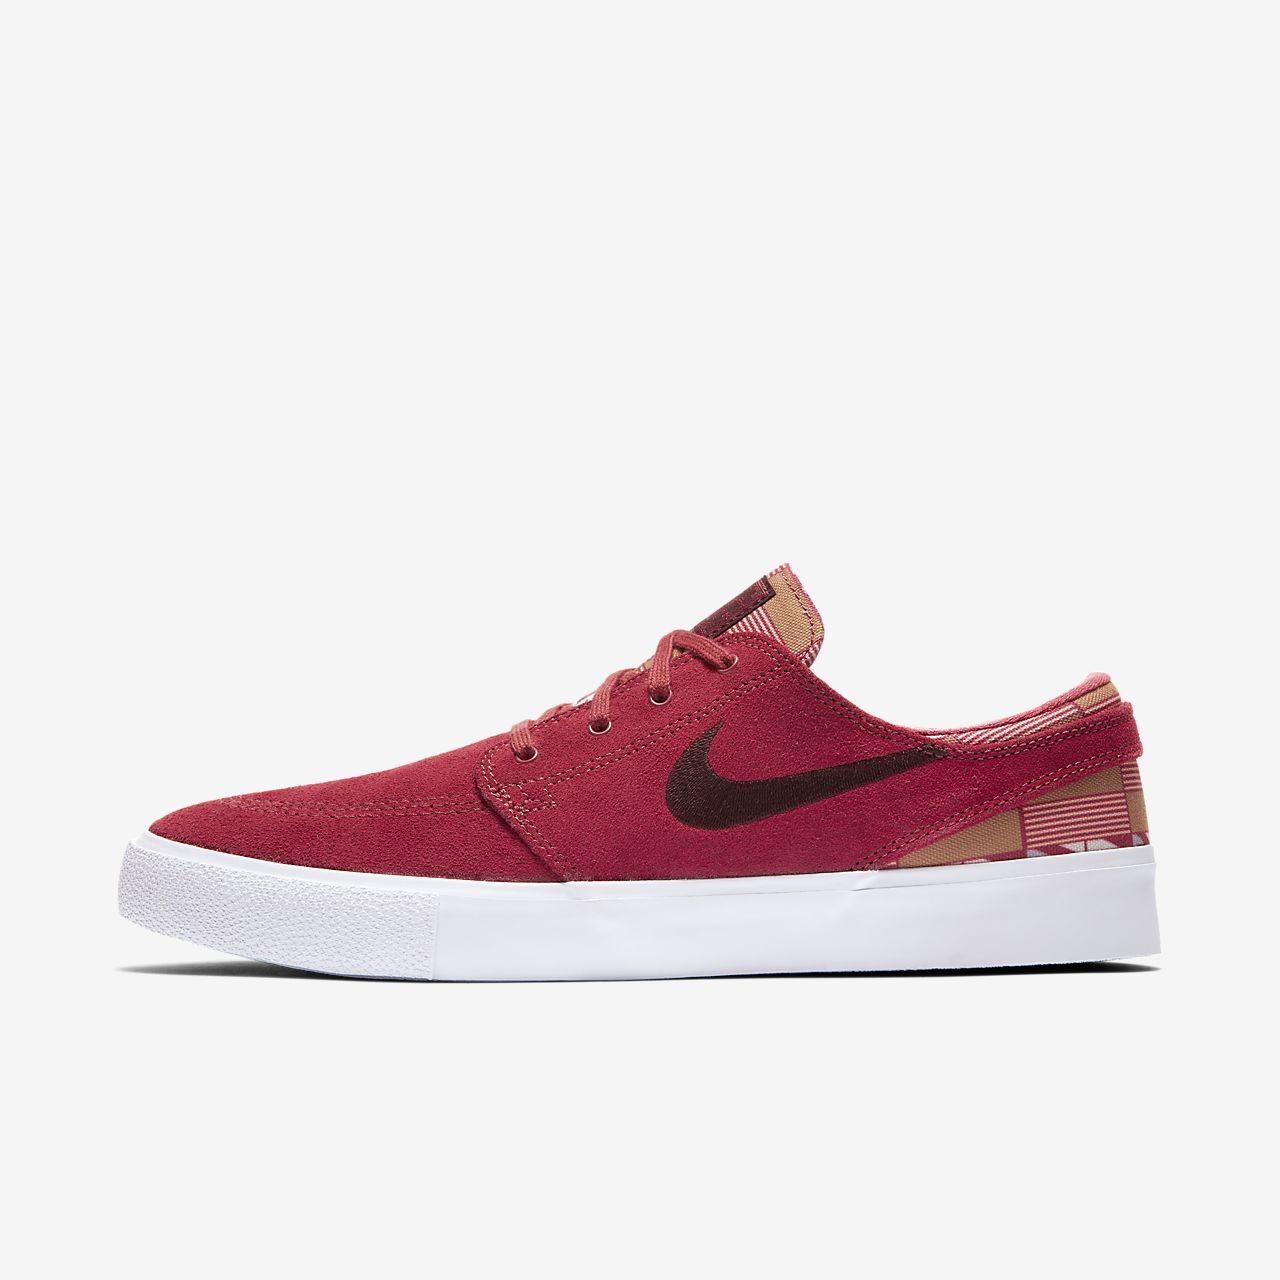 Обувь для скейтбординга Nike SB Zoom Stefan Janoski RM Premium